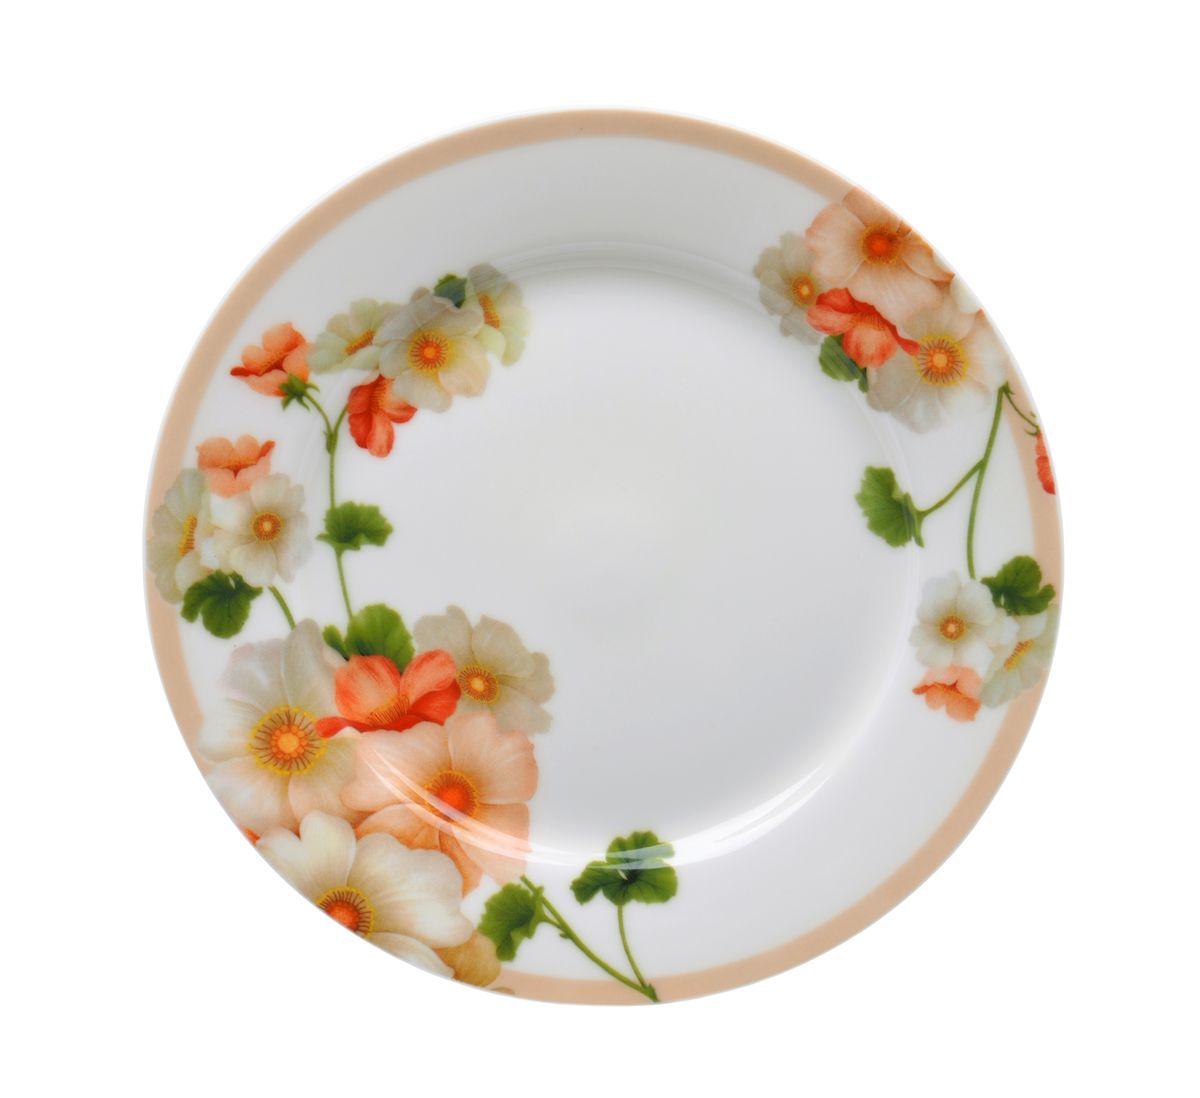 Фото - Тарелка десертная Nanshan Porcelain Мальва, диаметр 19 см тарелка turon porcelain атлас цвет белый синий золотистый диаметр 22 5 см